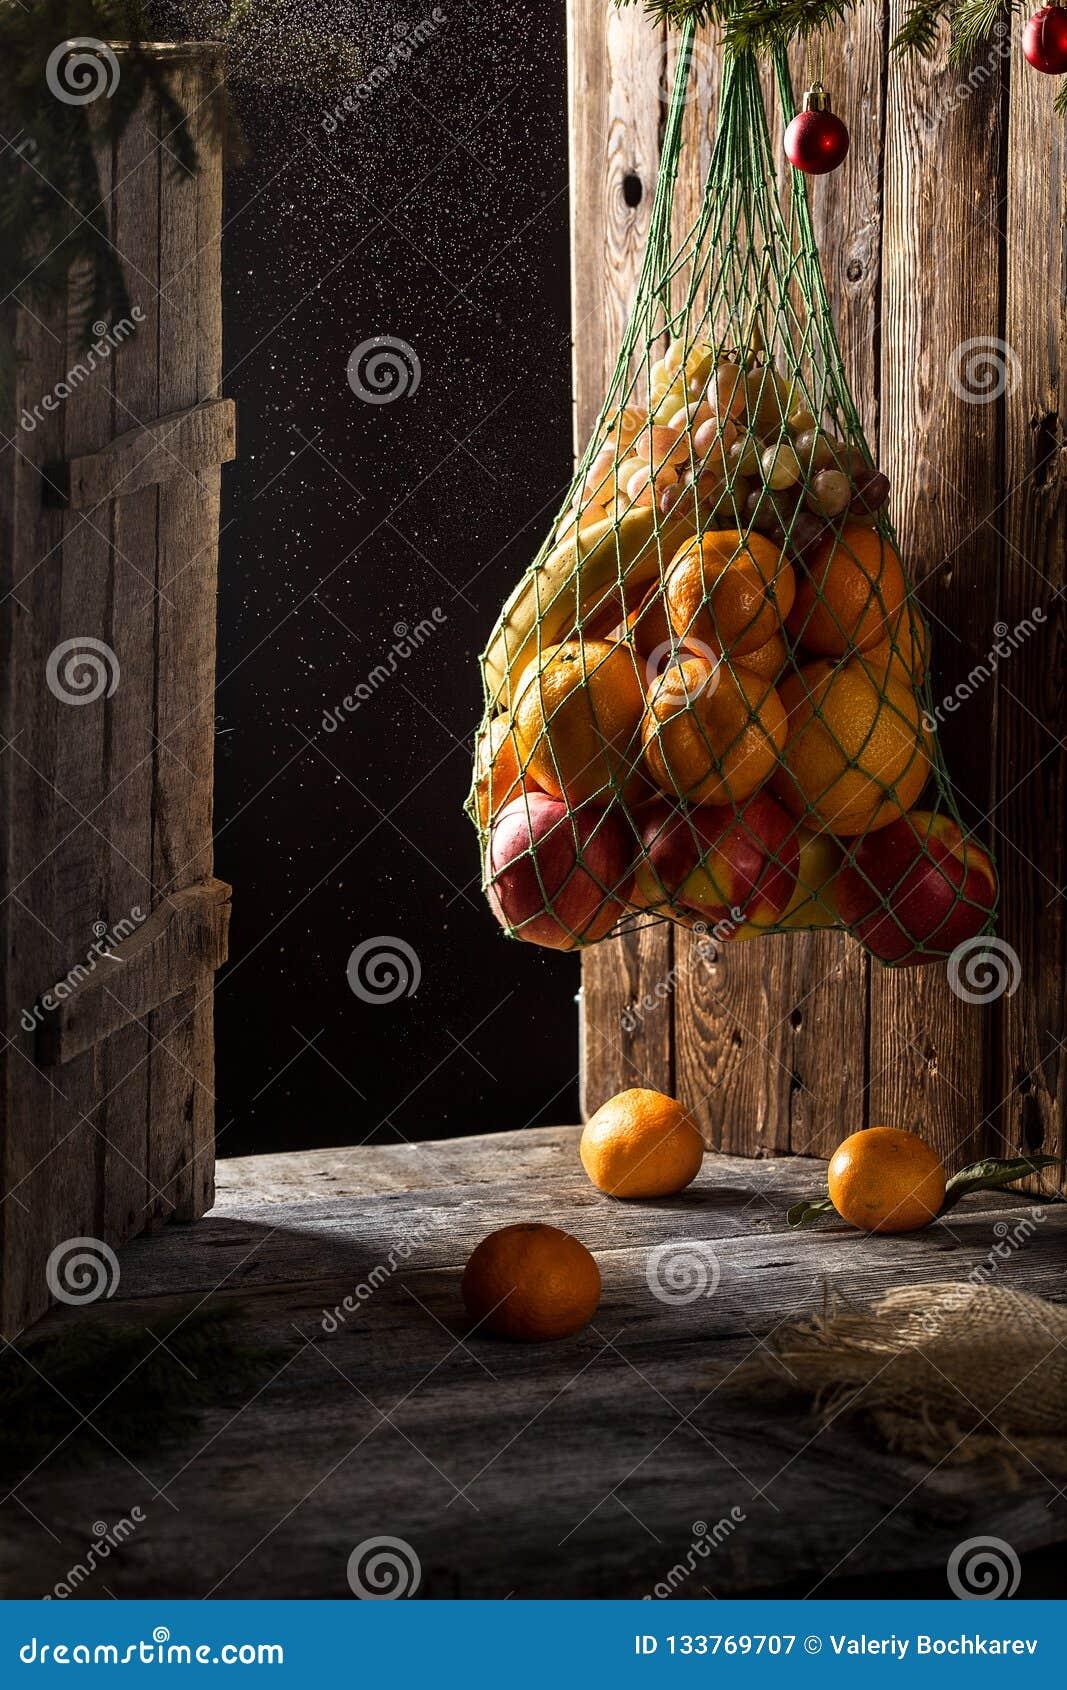 Kerstkaart met fruit appelen, sinaasappelen, mandarijnen, bananen